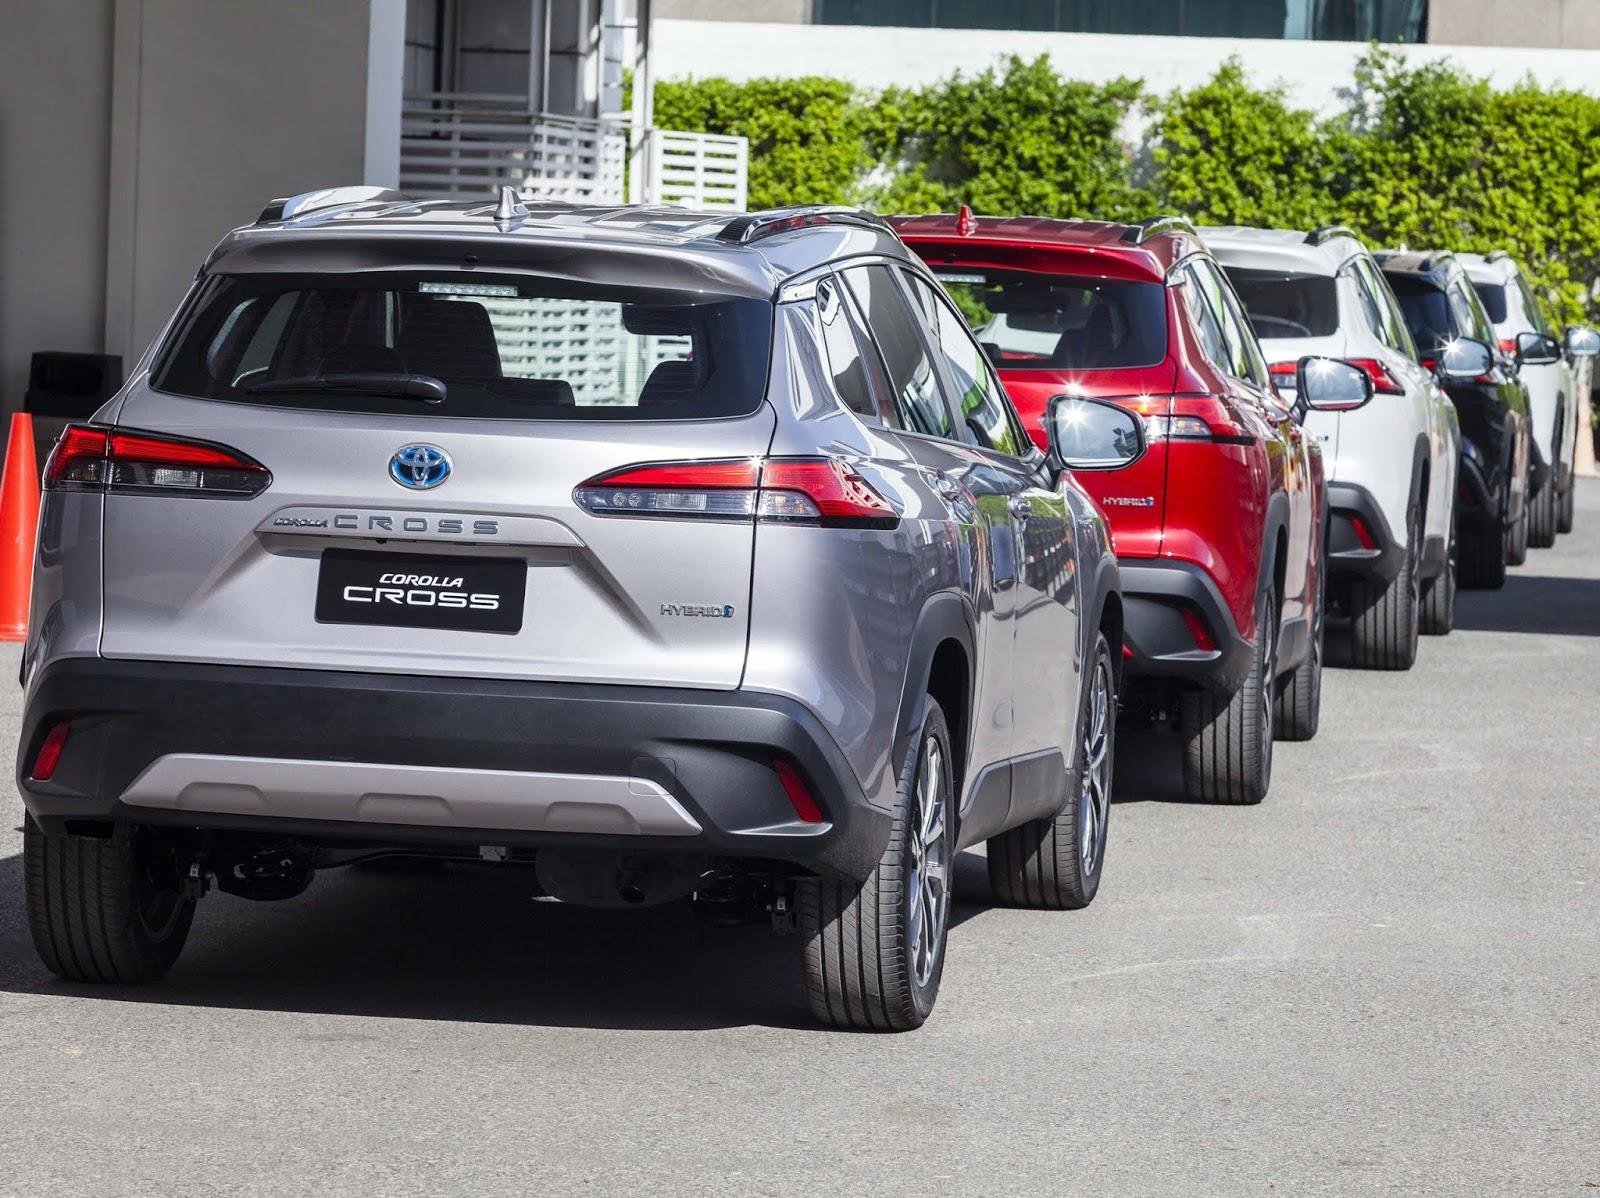 Toyota Corolla Cross híbrido flex brasileiro será exportado para 22 países